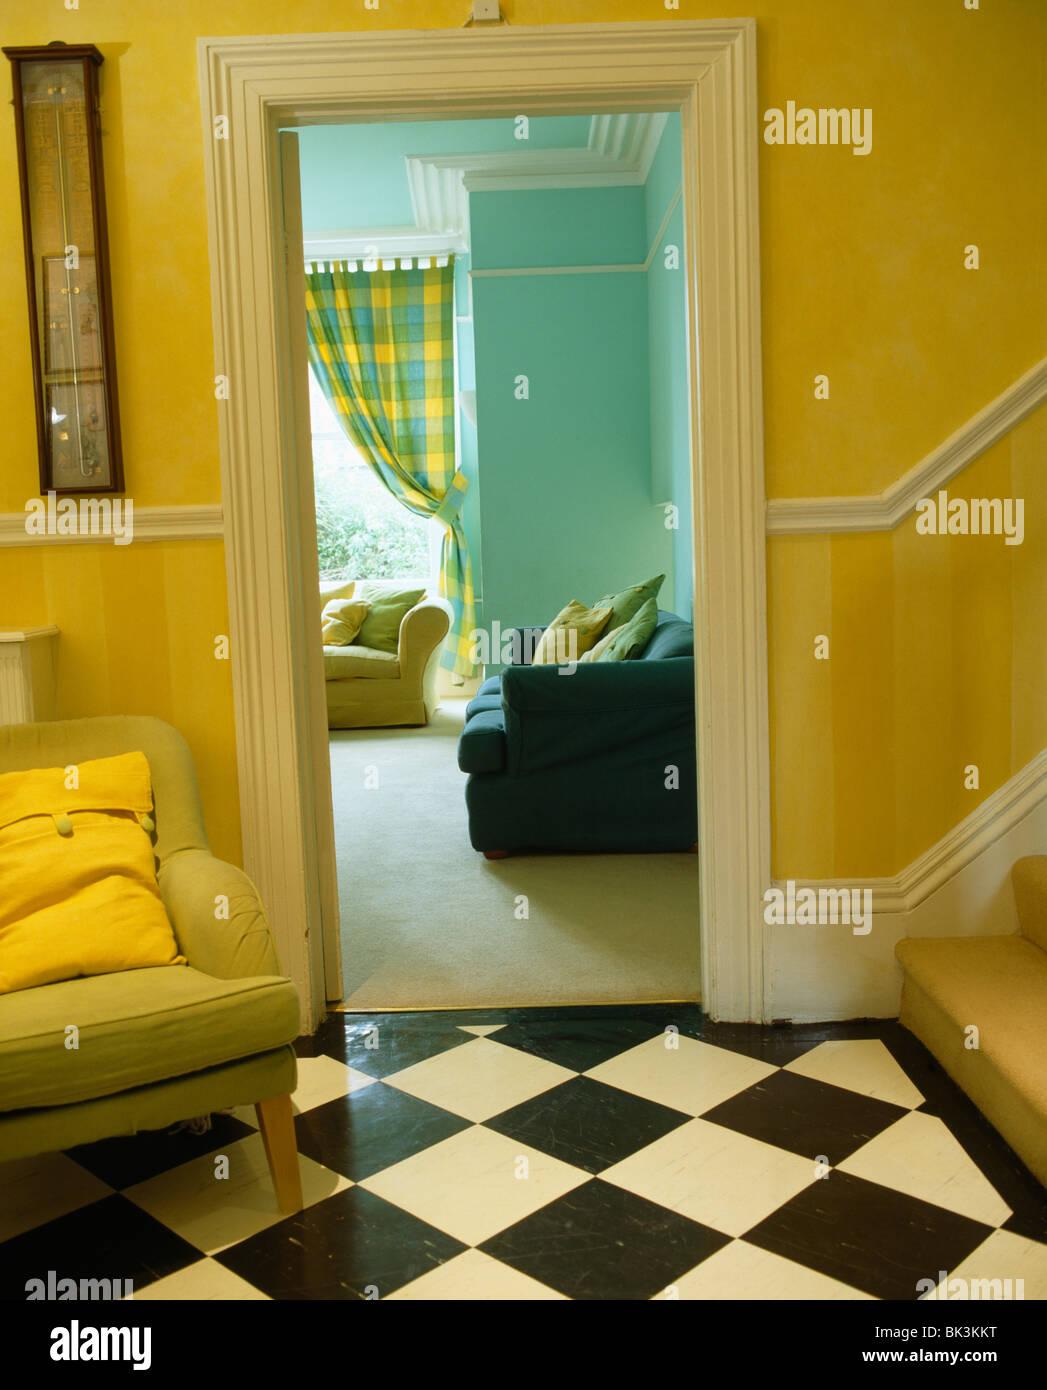 Traditionellen gelben Saal mit schwarz + weiß Checker-Bord-Boden und ...